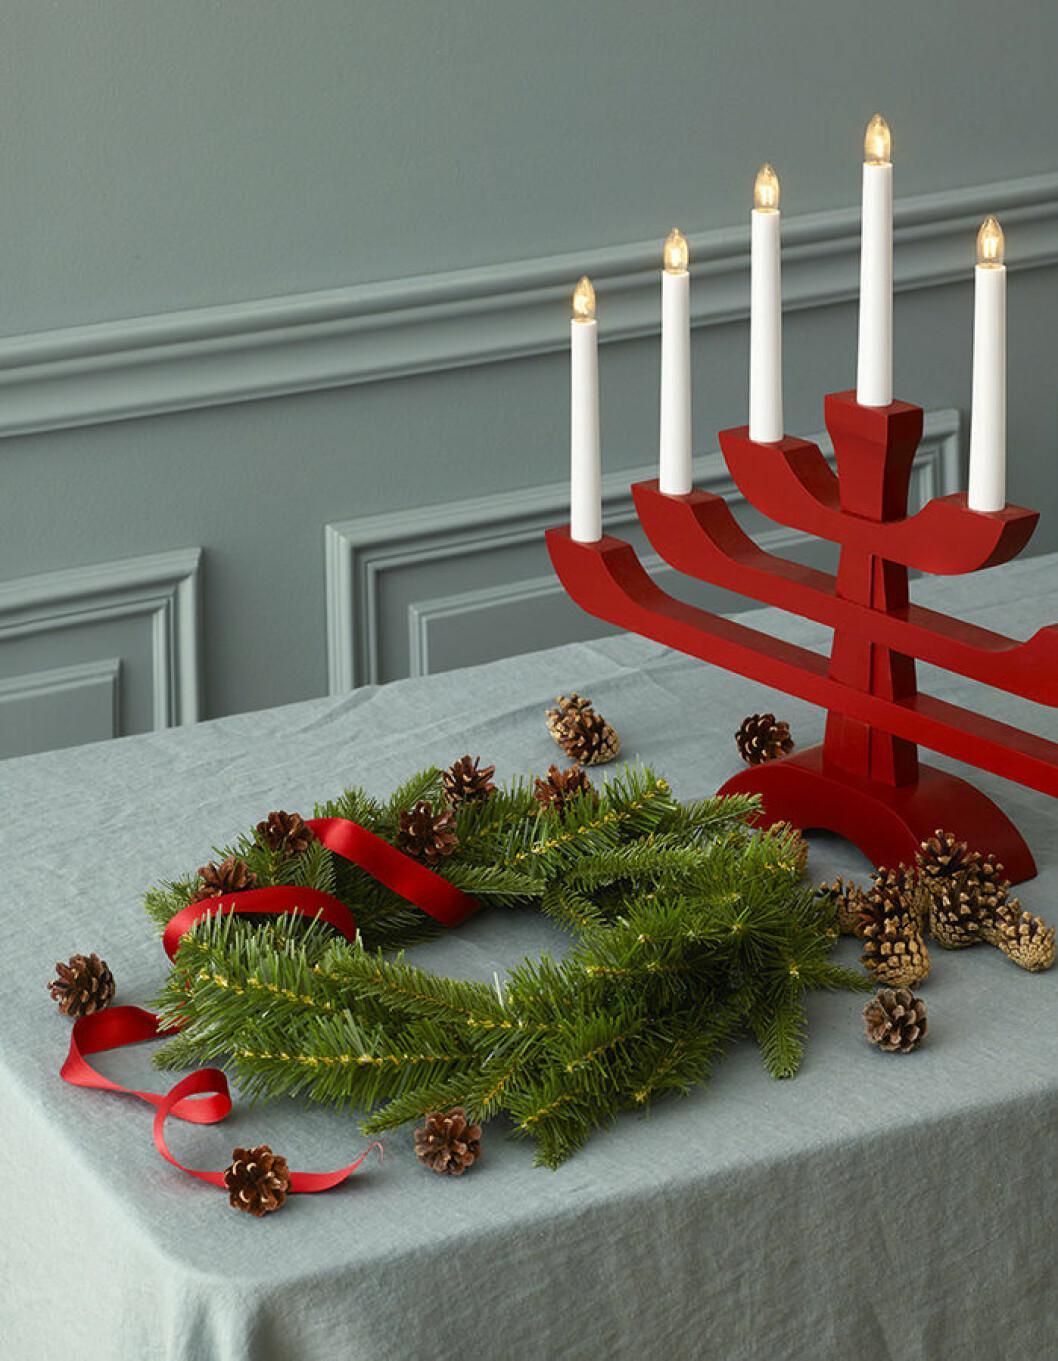 Julkrans och ljusstake från Åhléns